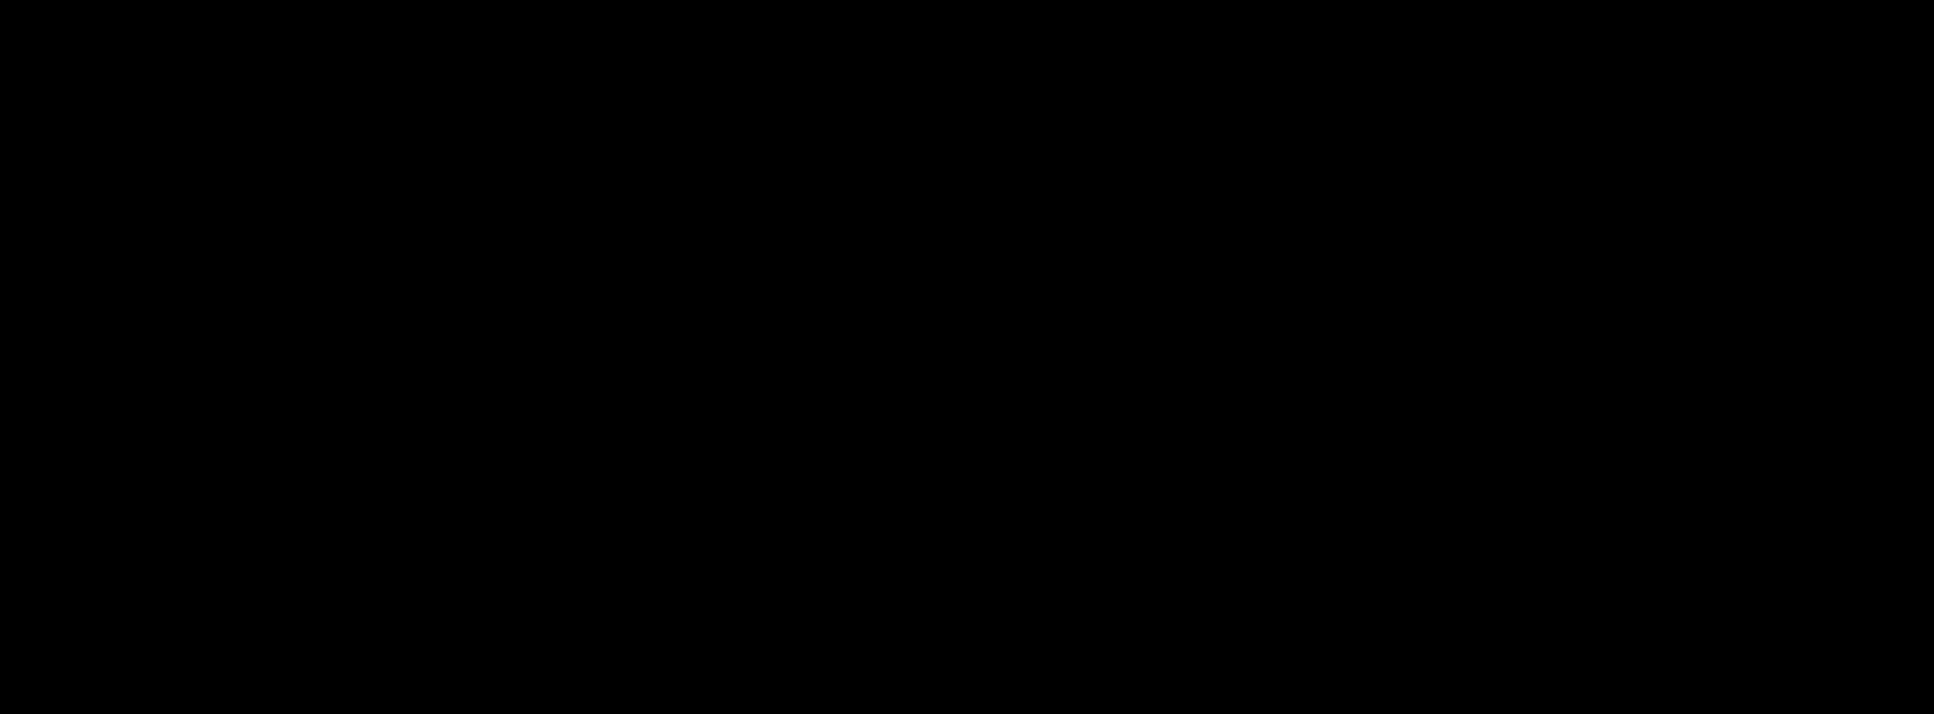 1920×700-copy_14.10.2020